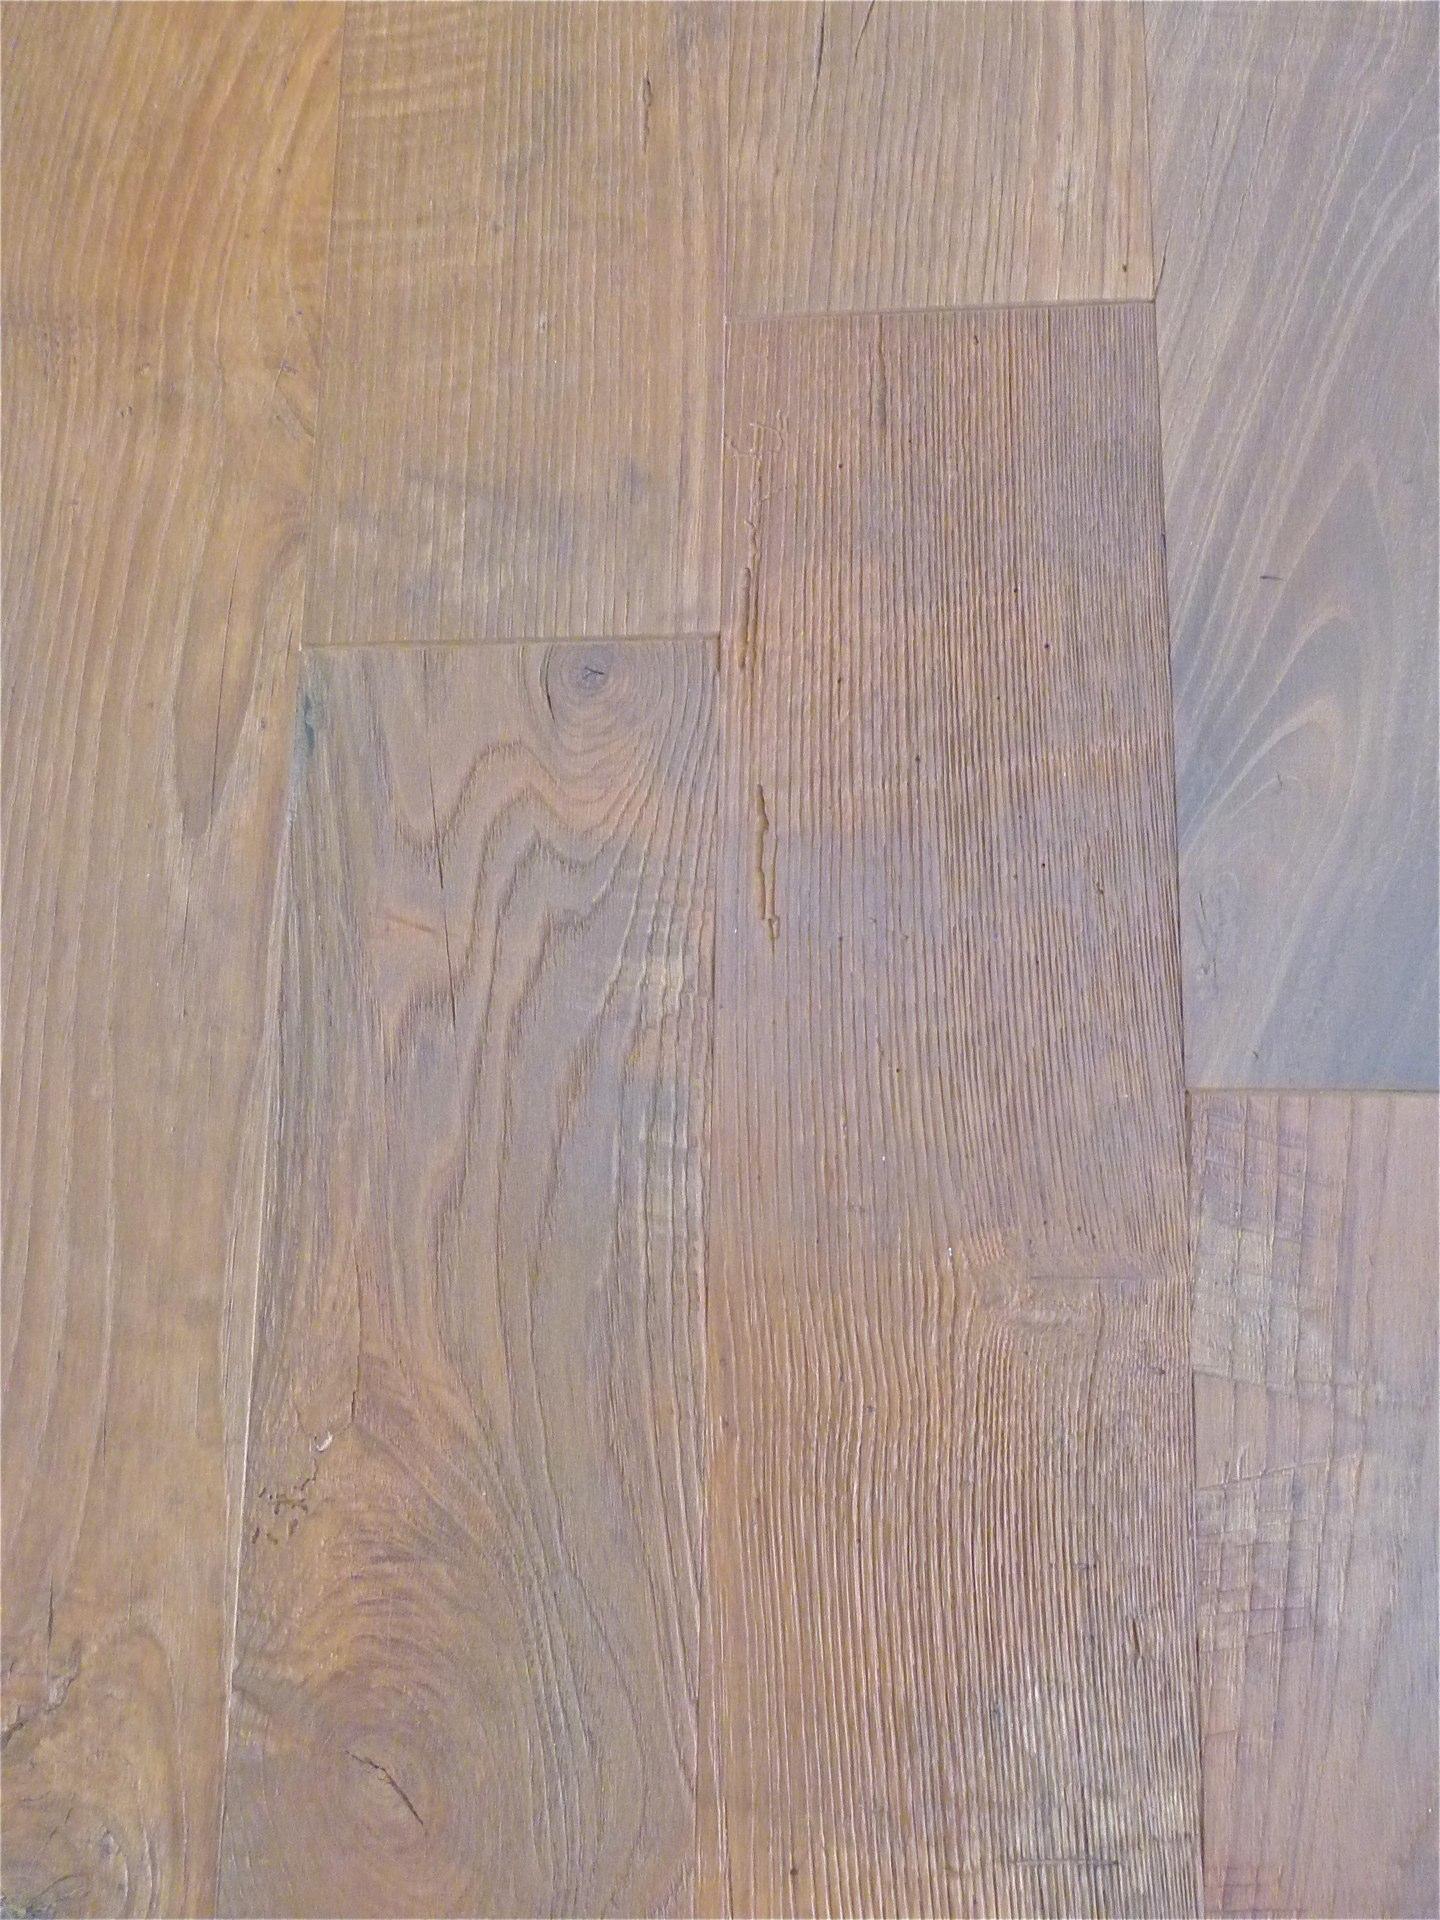 Pavimenti vintage paruqet in castagno antico in legno for Aspetto rustico